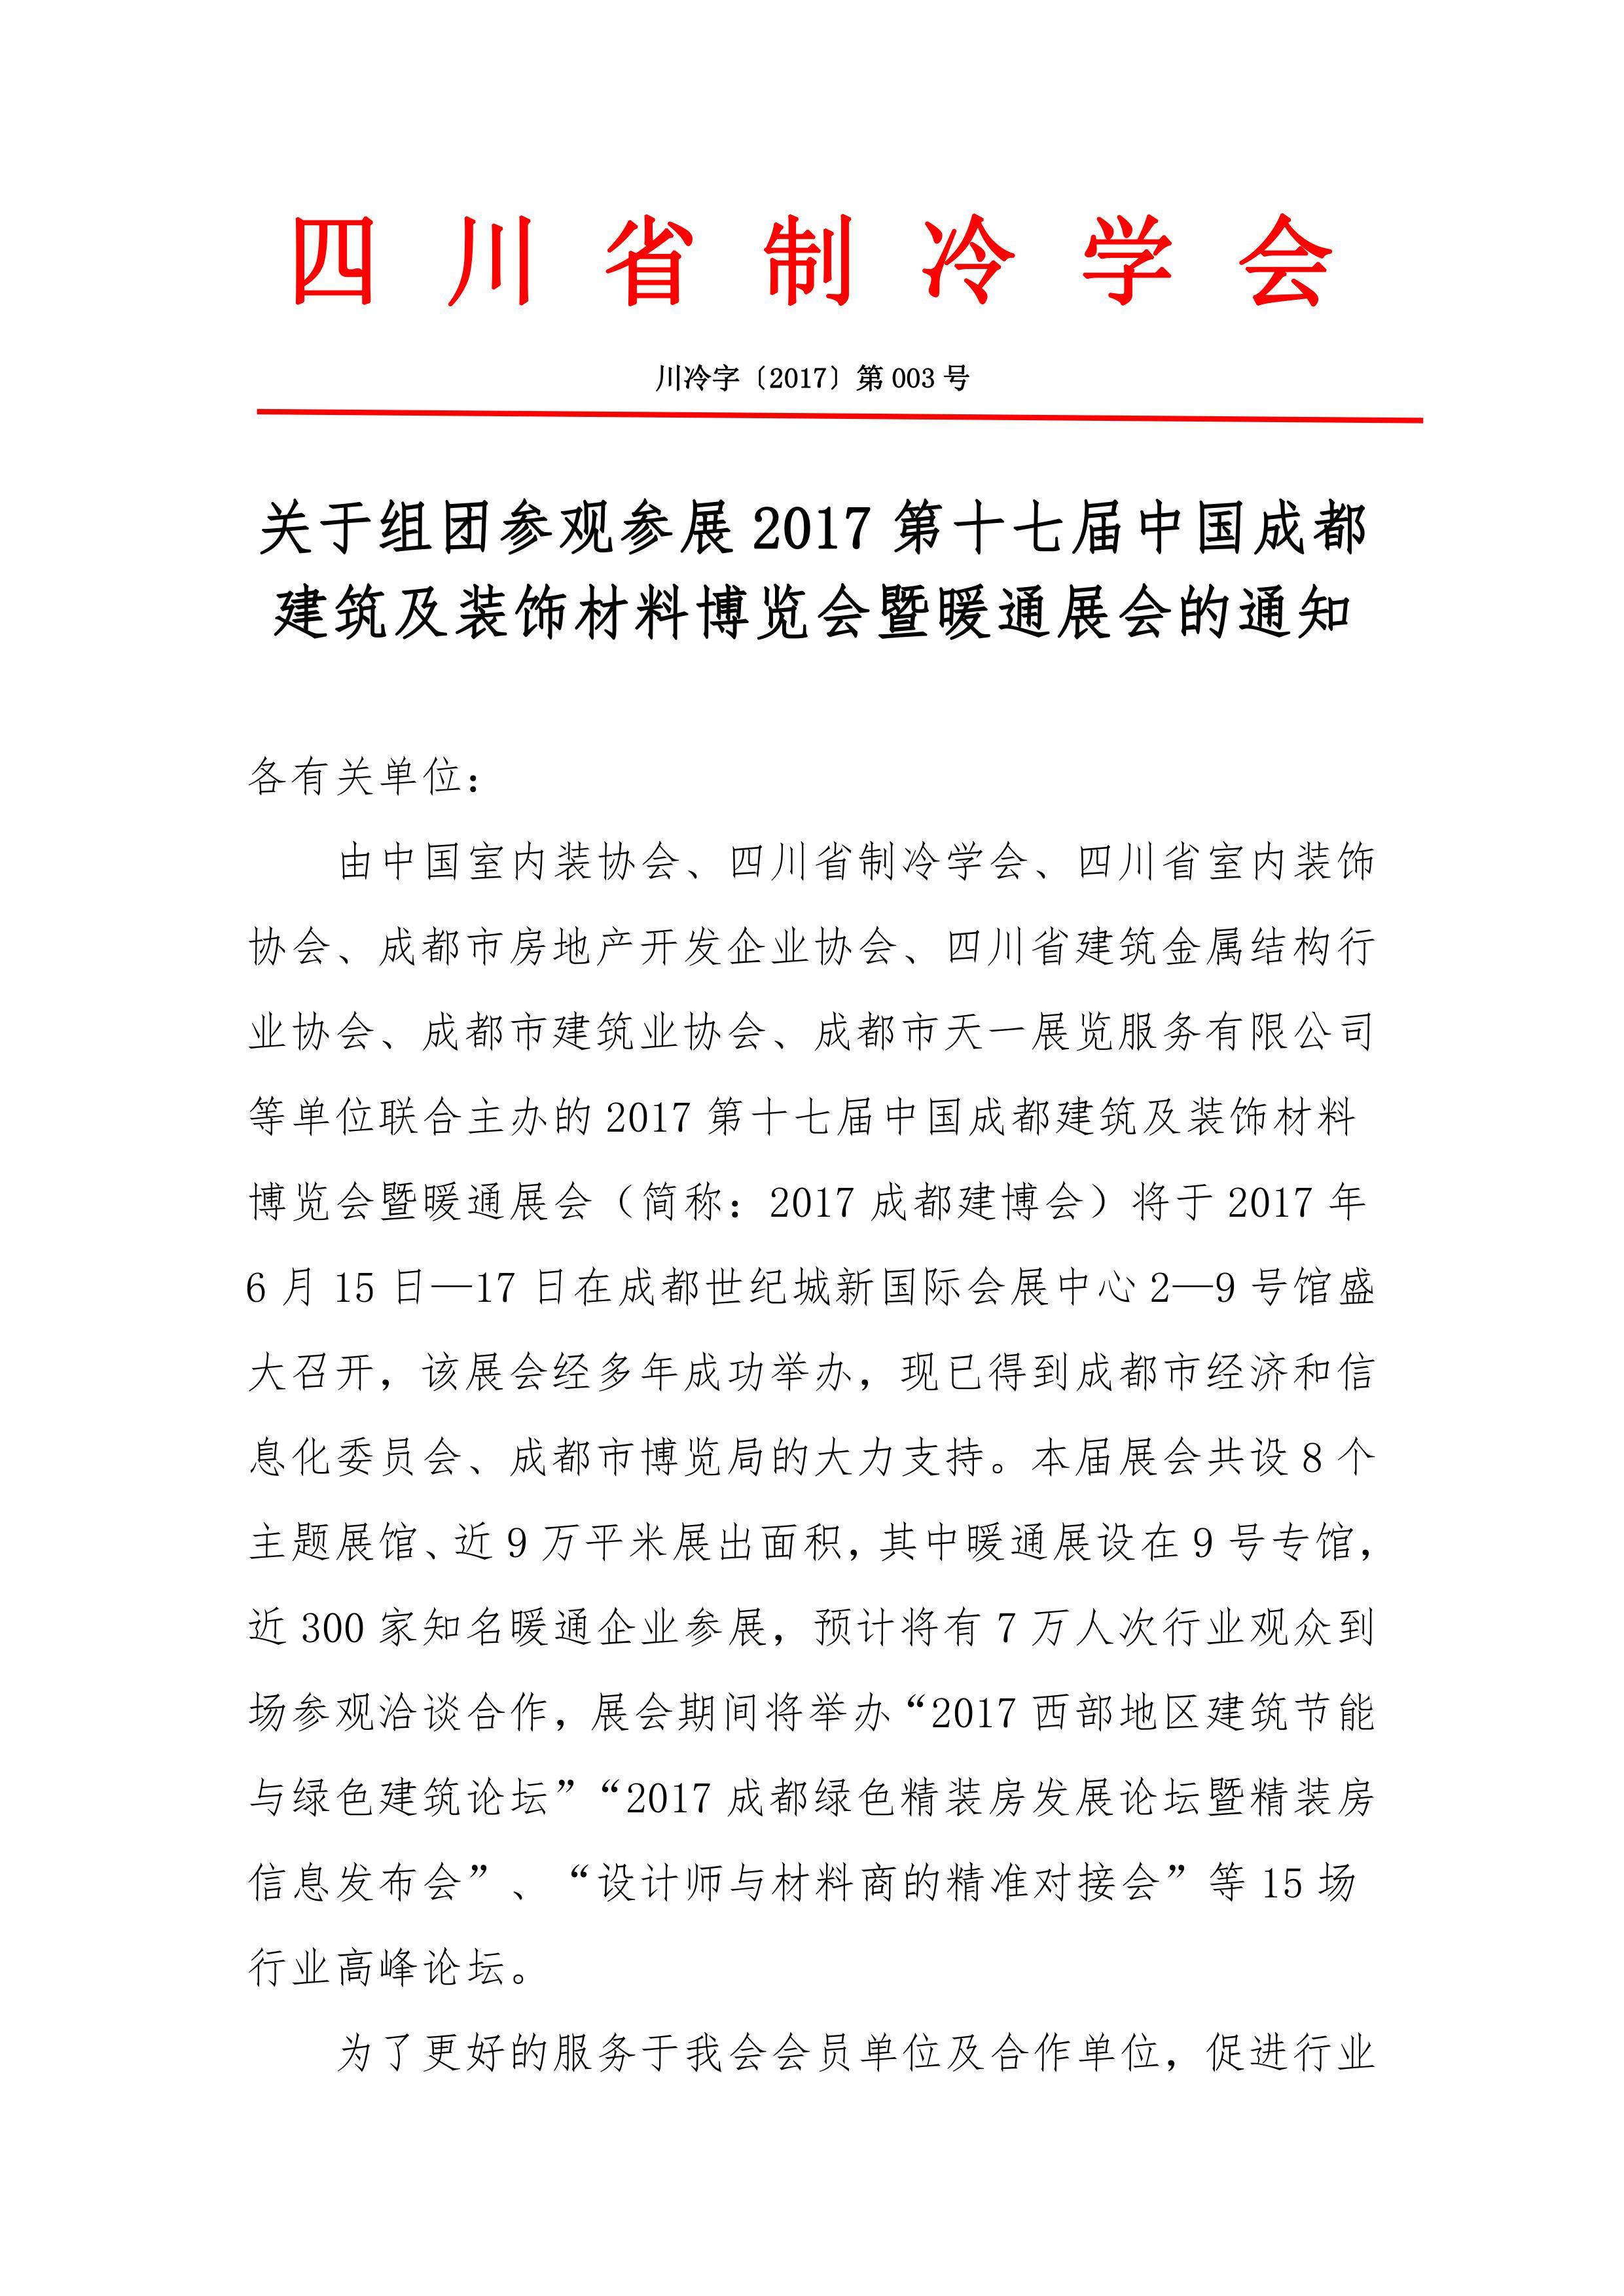 关于组团参观参展2017第十七届中国成都建筑及装饰材料博览会暨暖通展会的通知